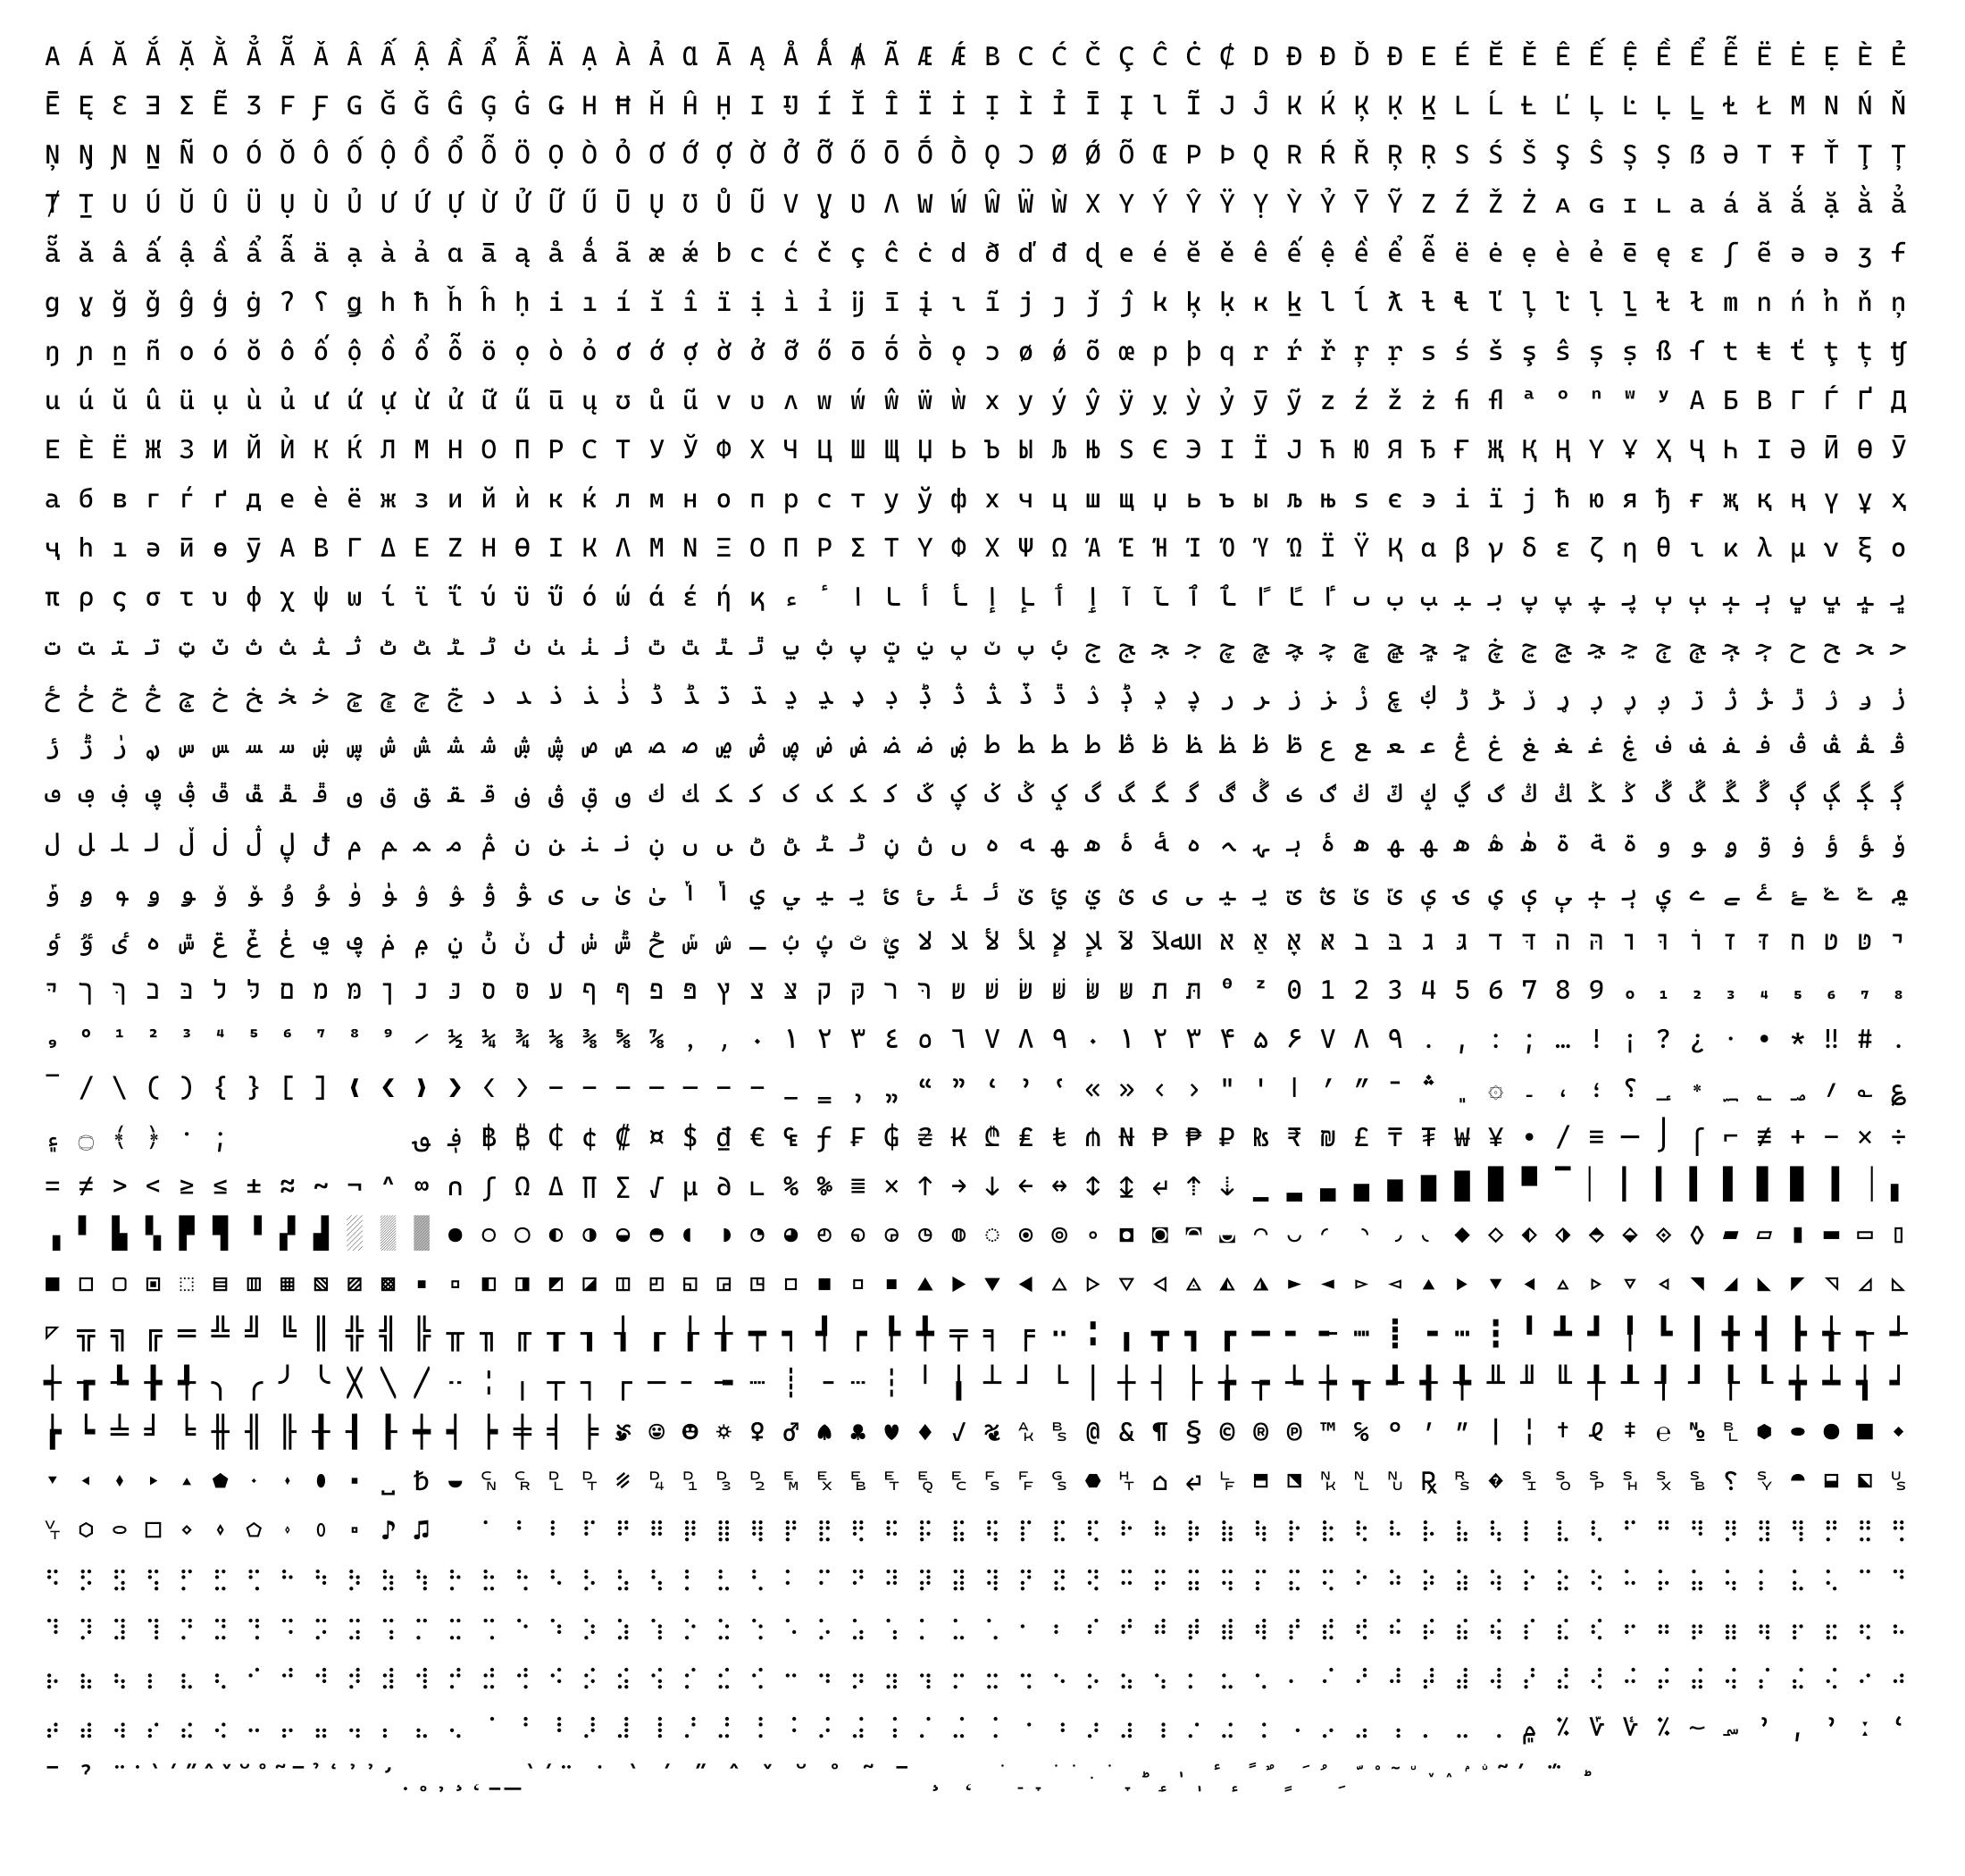 (HIDPI)Cascadia Code 문자표